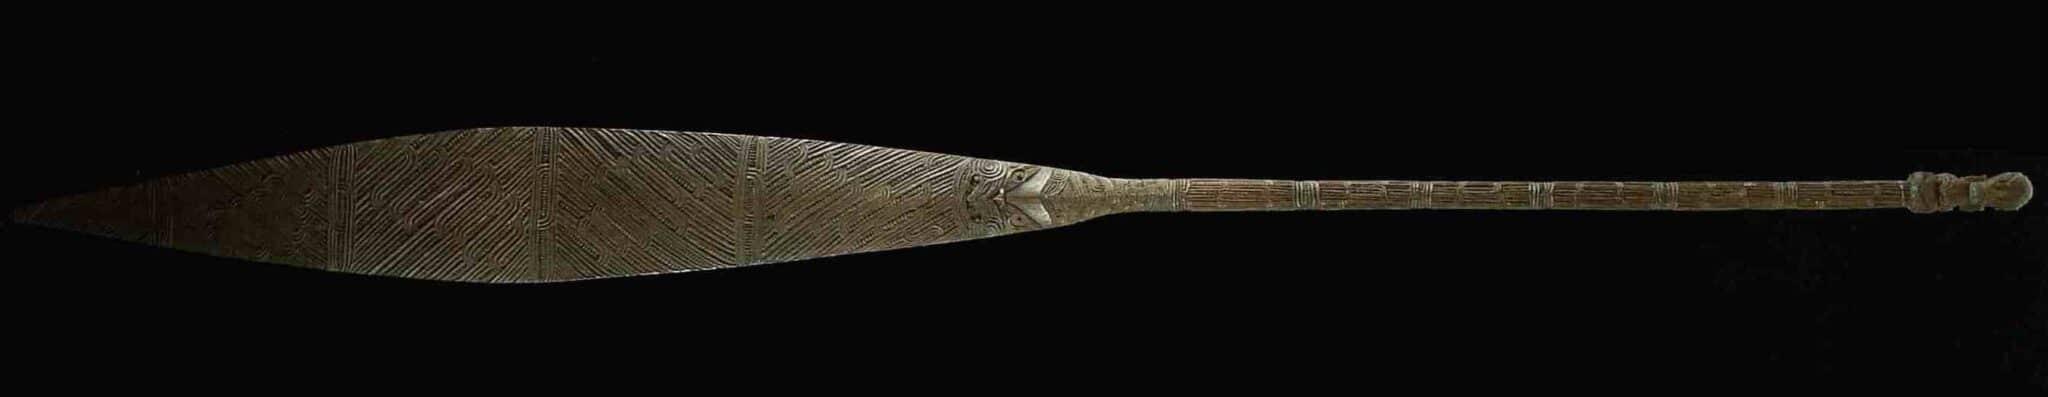 Maori paddle